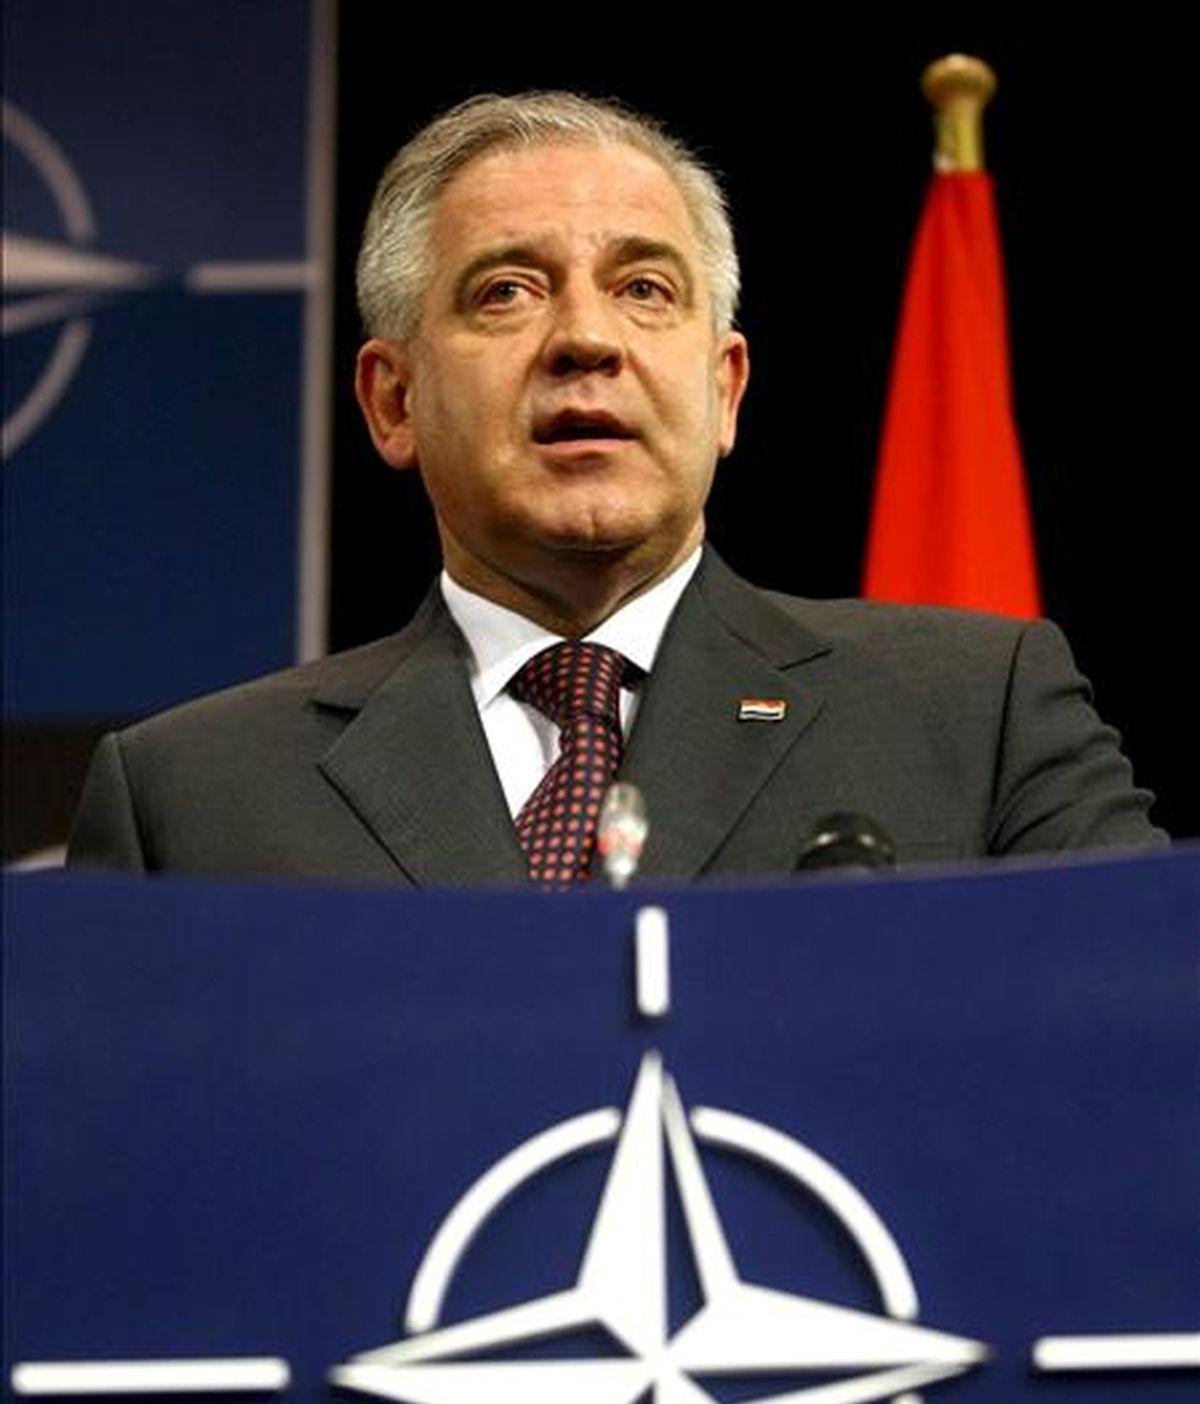 Fotografía de archivo realizada el 7 de abril de 2009 que muestra al primer ministro croata, Ivo Sanader, durante una rueda de prensa en la sede de la OTAN en Bruselas, Bélgica. EFE/Archivo